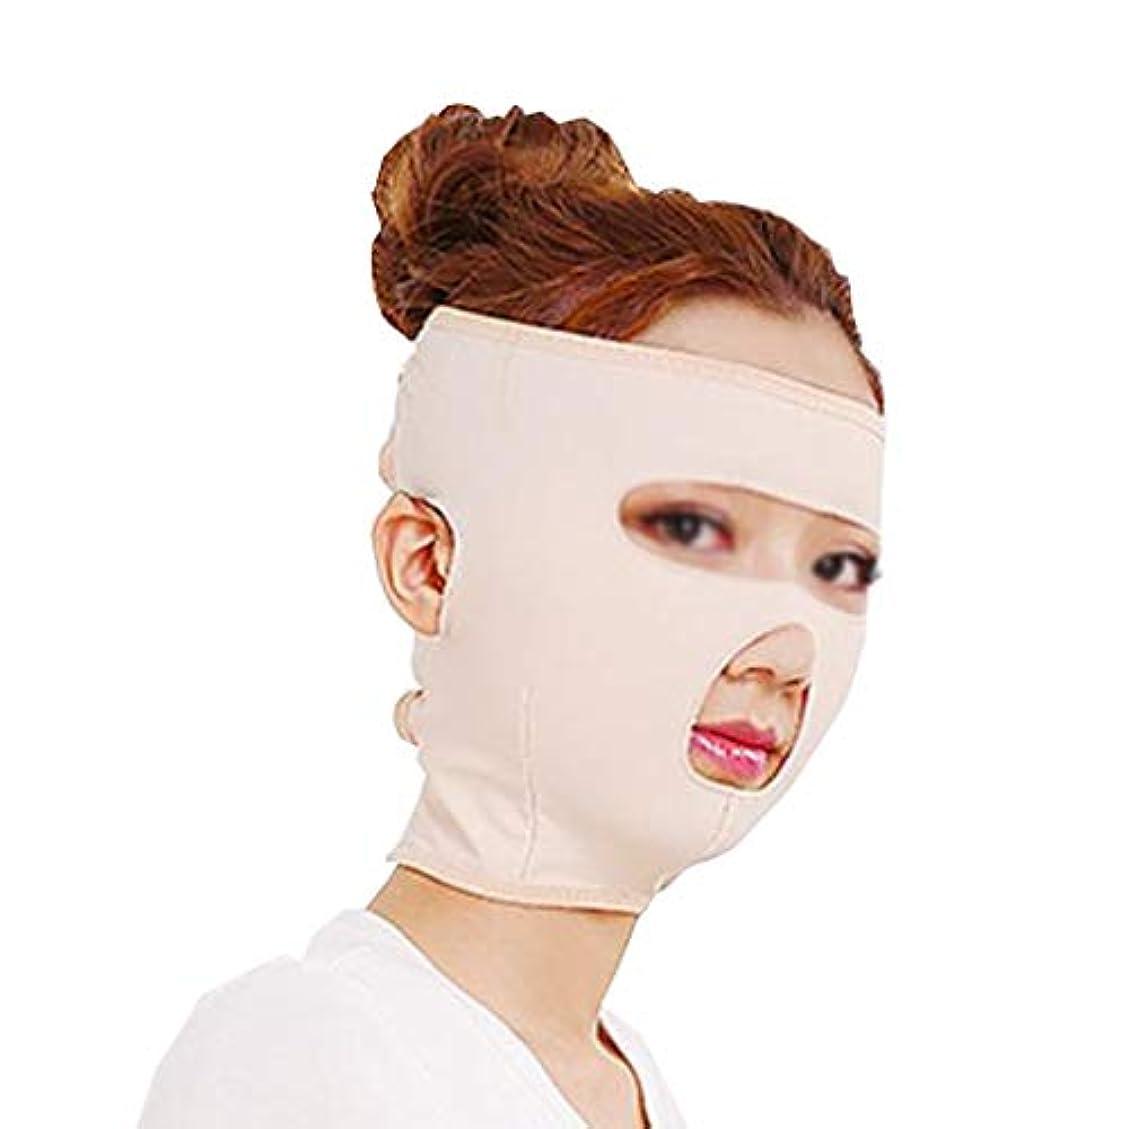 アスリート苗起きているZWBD フェイスマスク, 強力なフェイスマスクフェイスマスクフェイスウェイトバンデージファーミングフェイスマスクフェイスマスク